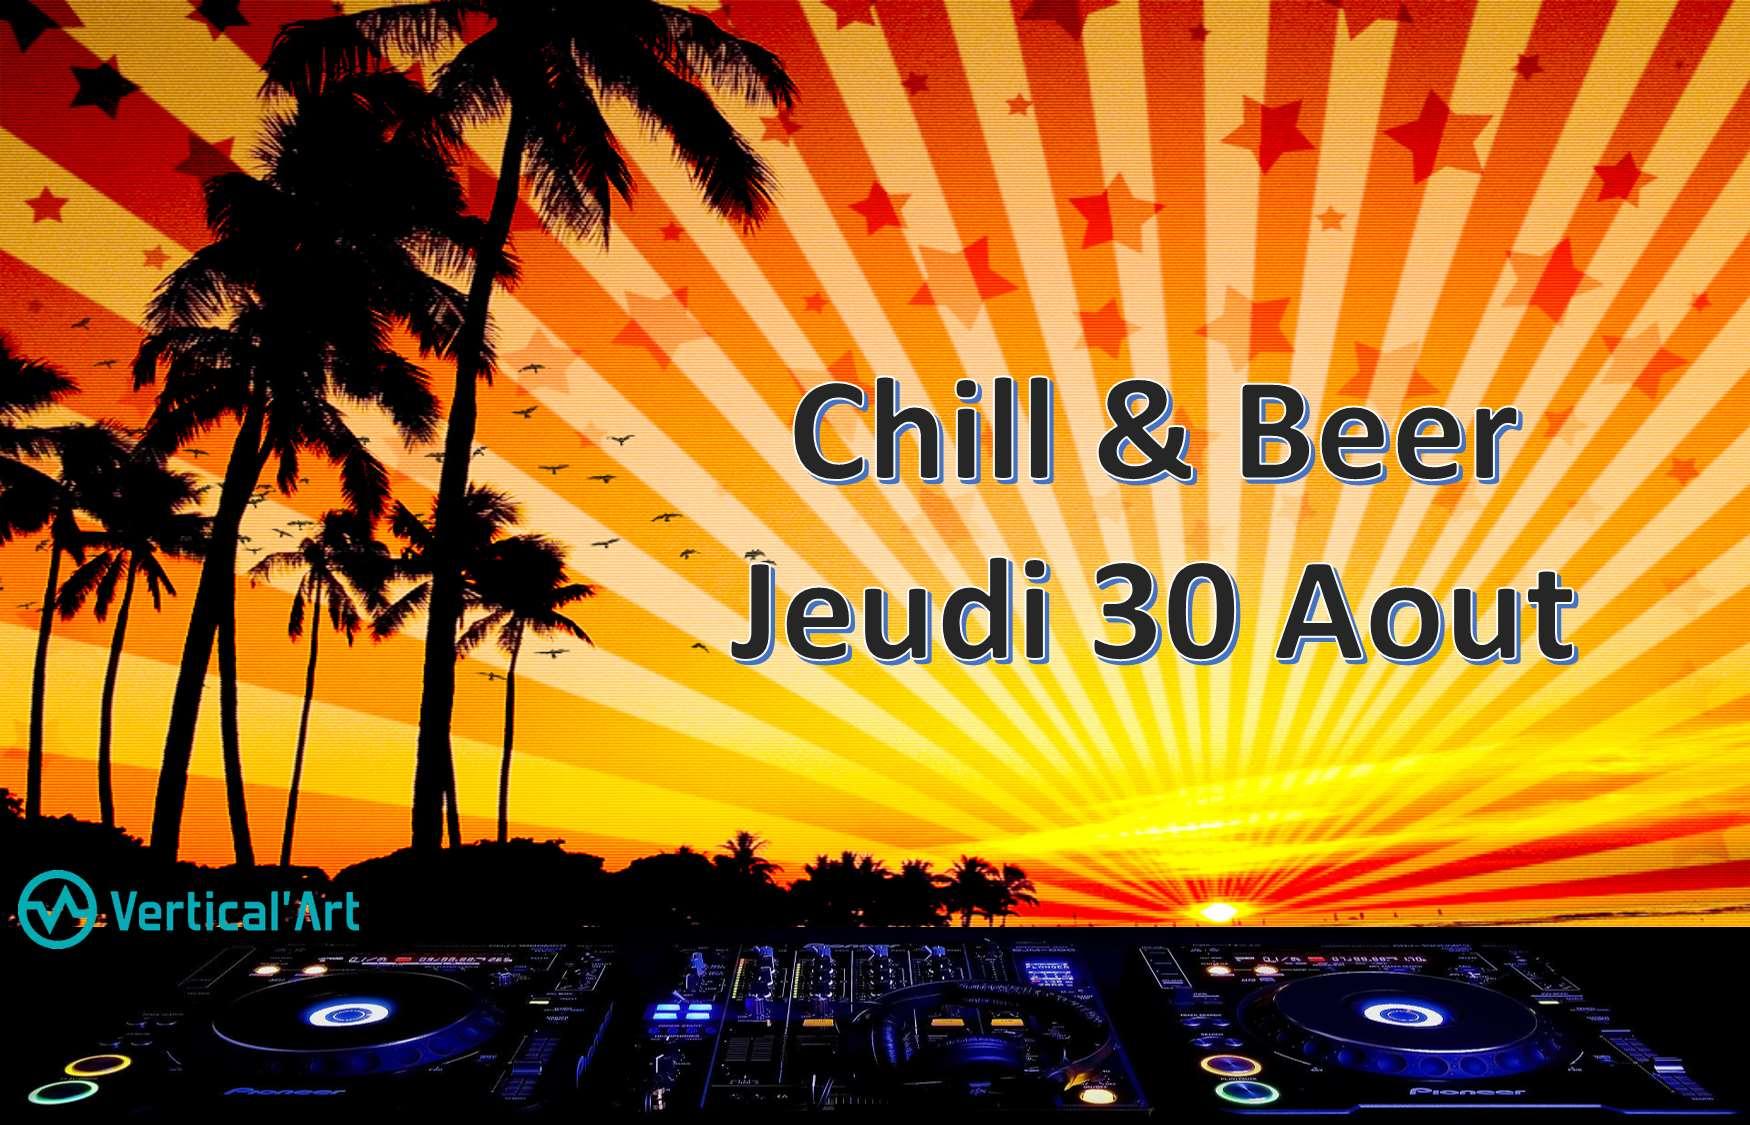 Barbecue, BBQ, chill, bières, bières artisanales, dégustation de bière, live music, DG set